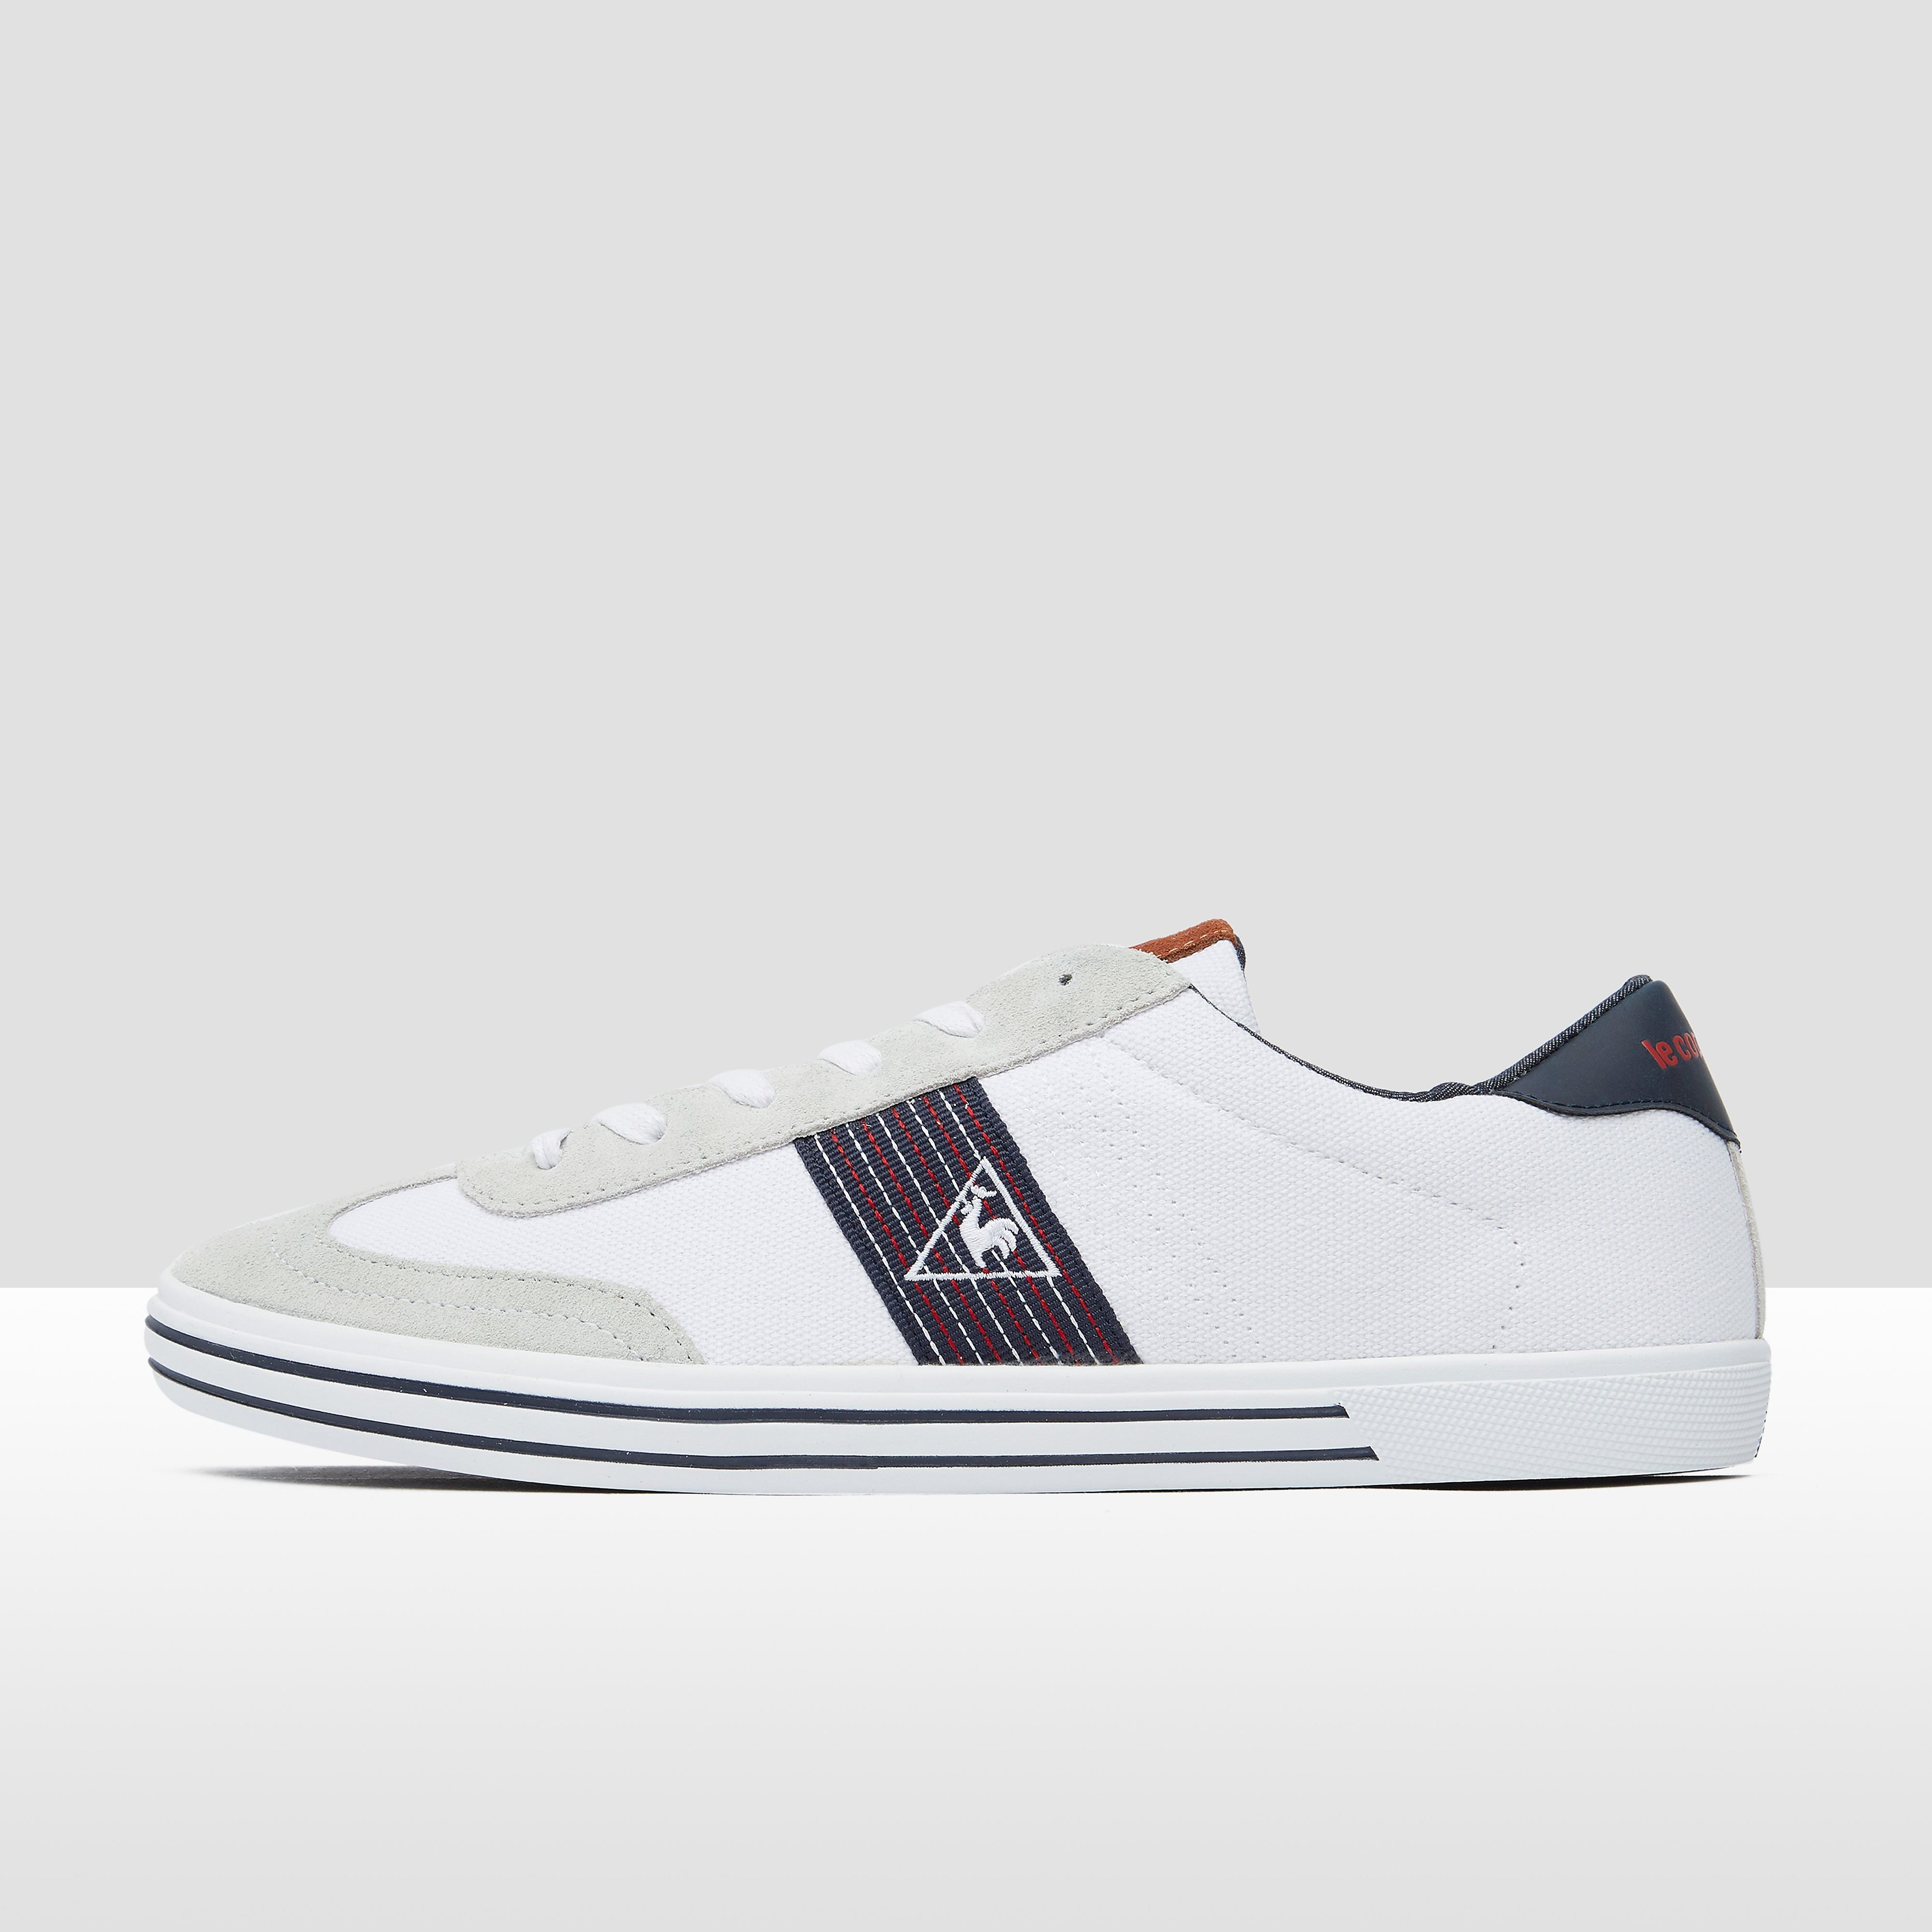 LE COQ SPORTIF Vigneux deux low canvas sneakers wit heren Heren